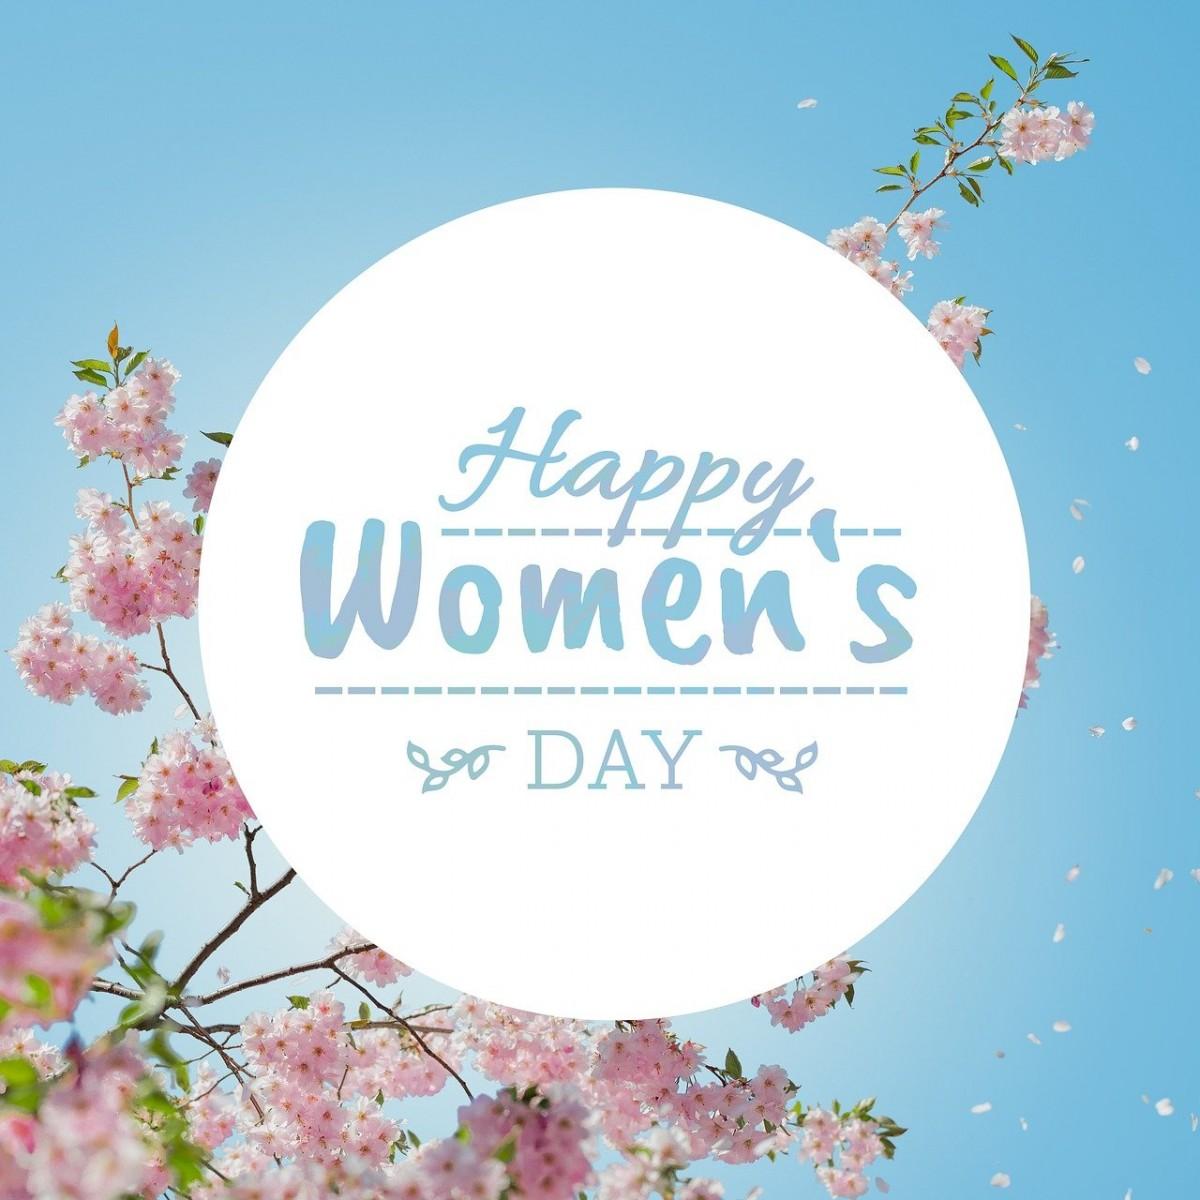 Por que se celebra el día de la mujer trabajadora